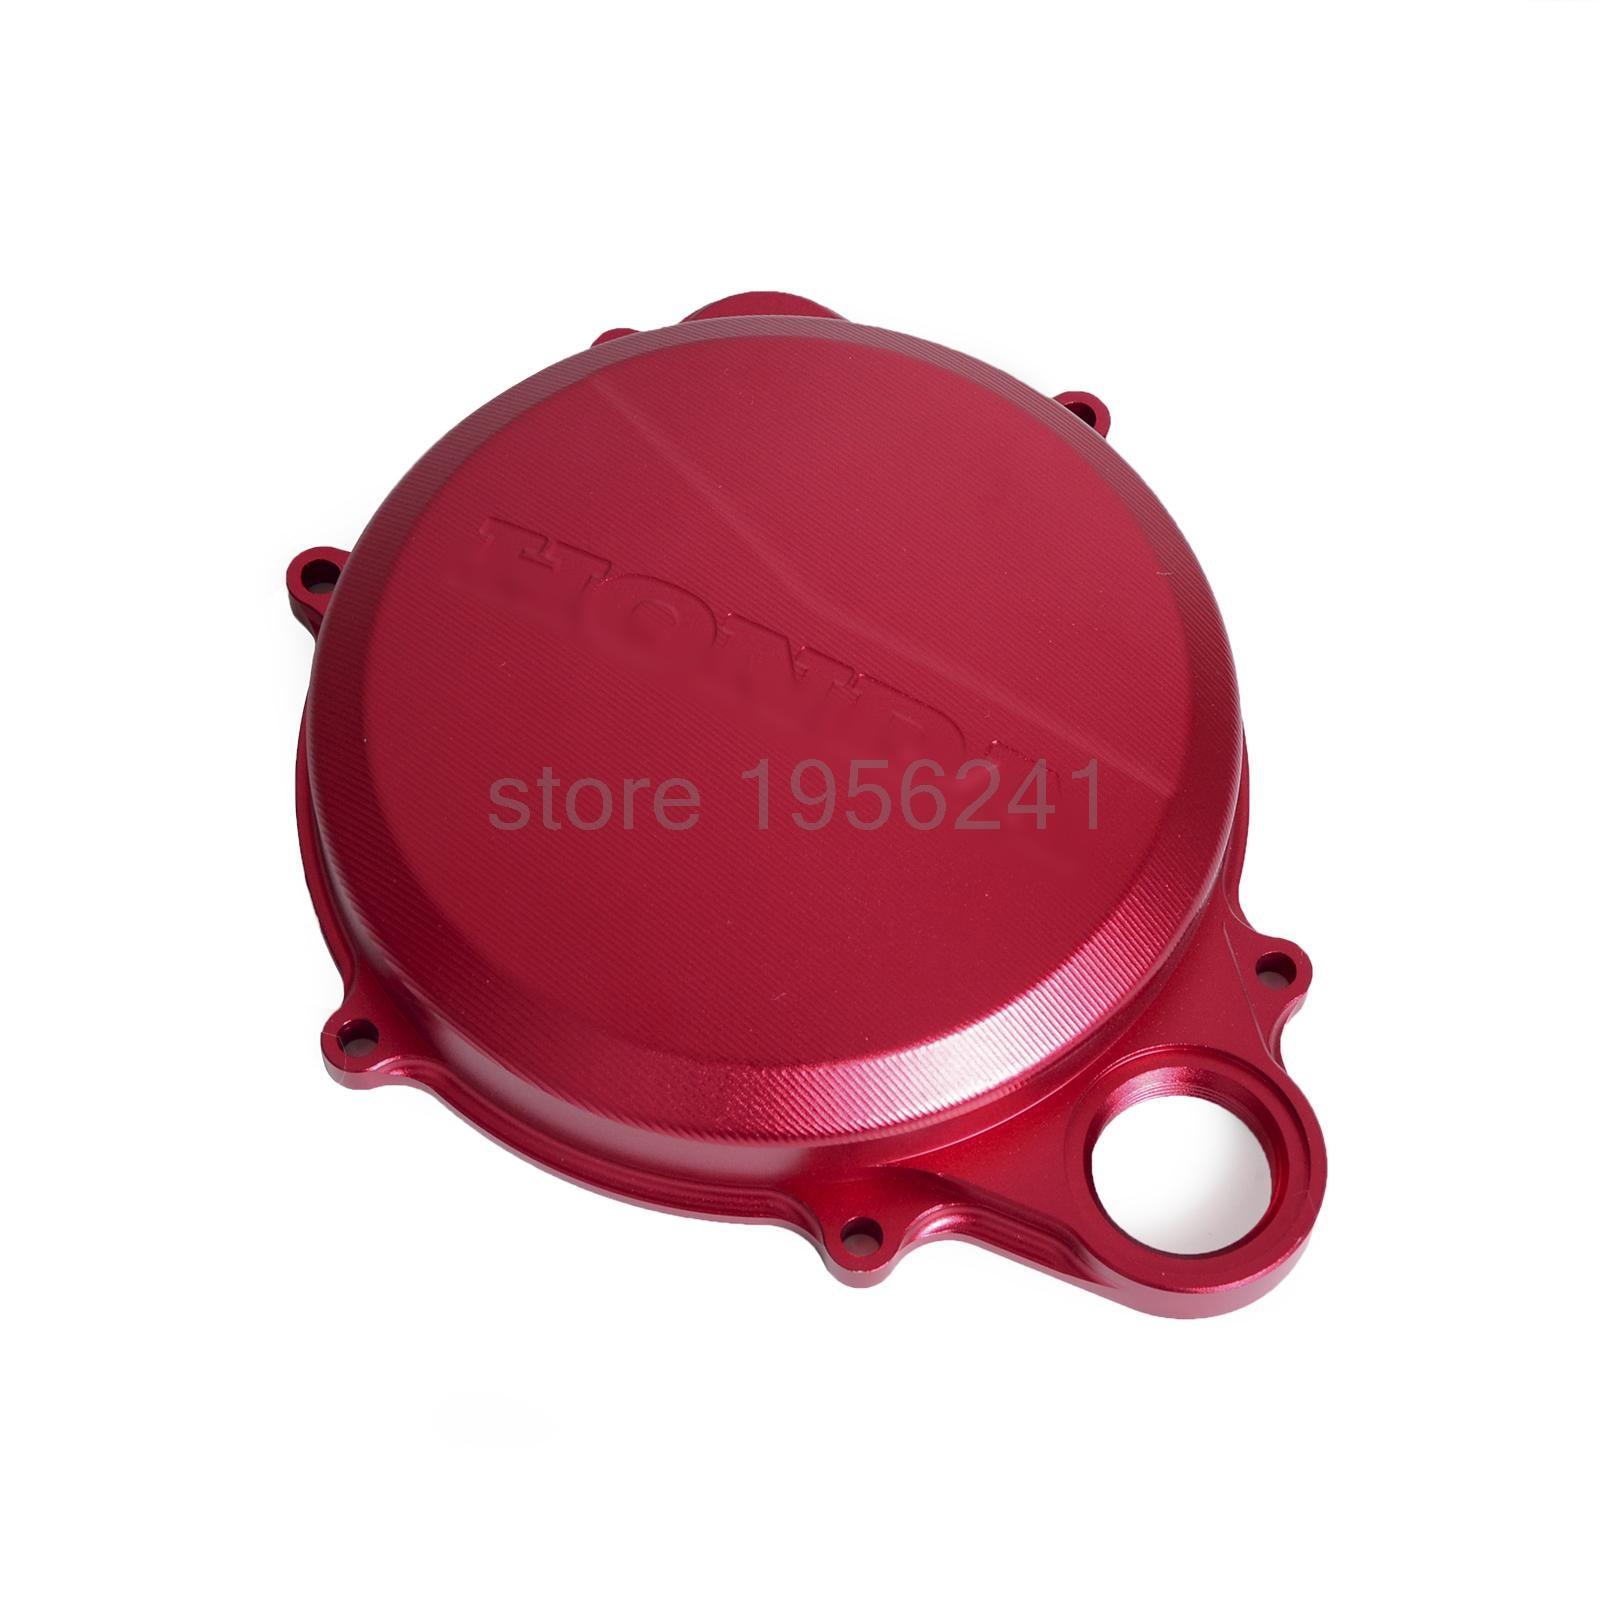 ЧПУ двигателя Крышка сцепления для Honda CRF250R 2010 2011 2012 2013 2014 2015 2016 ОФД 250р